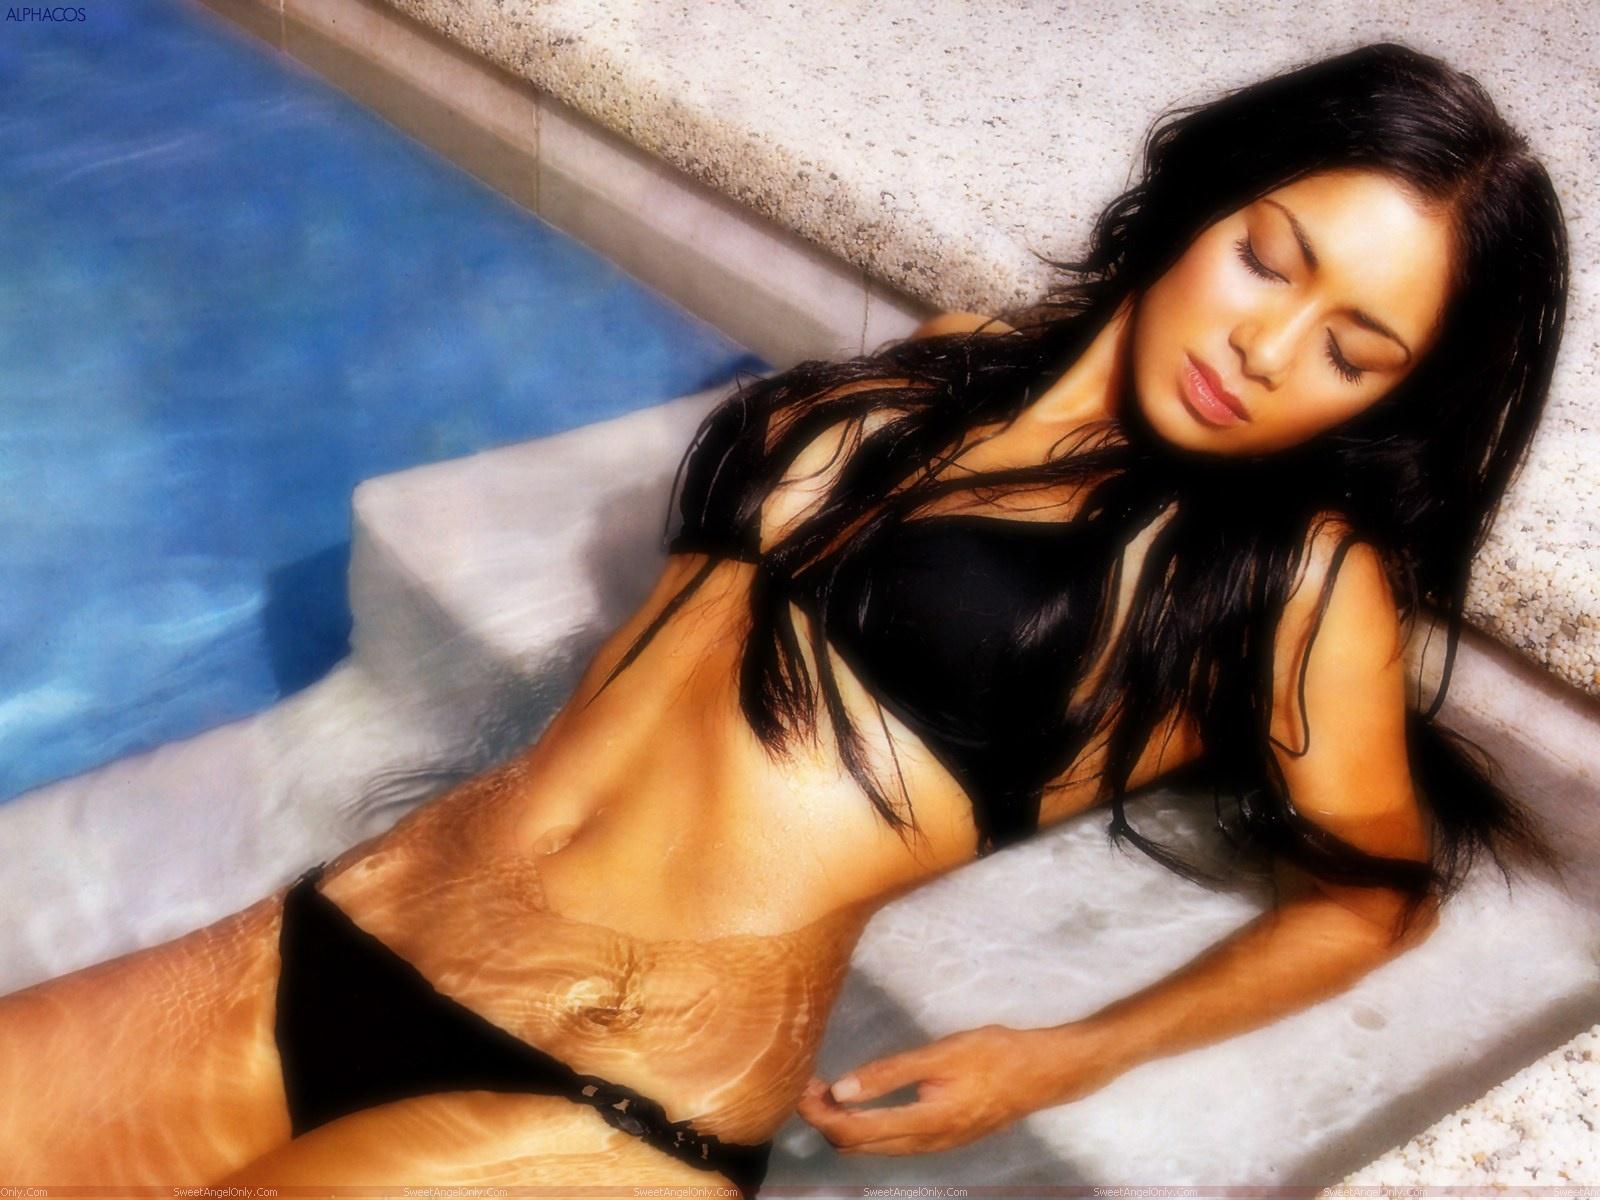 http://2.bp.blogspot.com/-QpsgVB9gX0M/TaMIJ_G99mI/AAAAAAAAGTU/I97wARLPcLI/s1600/nicole_scherzinger_hot_wallpaper_in_bikini.jpg